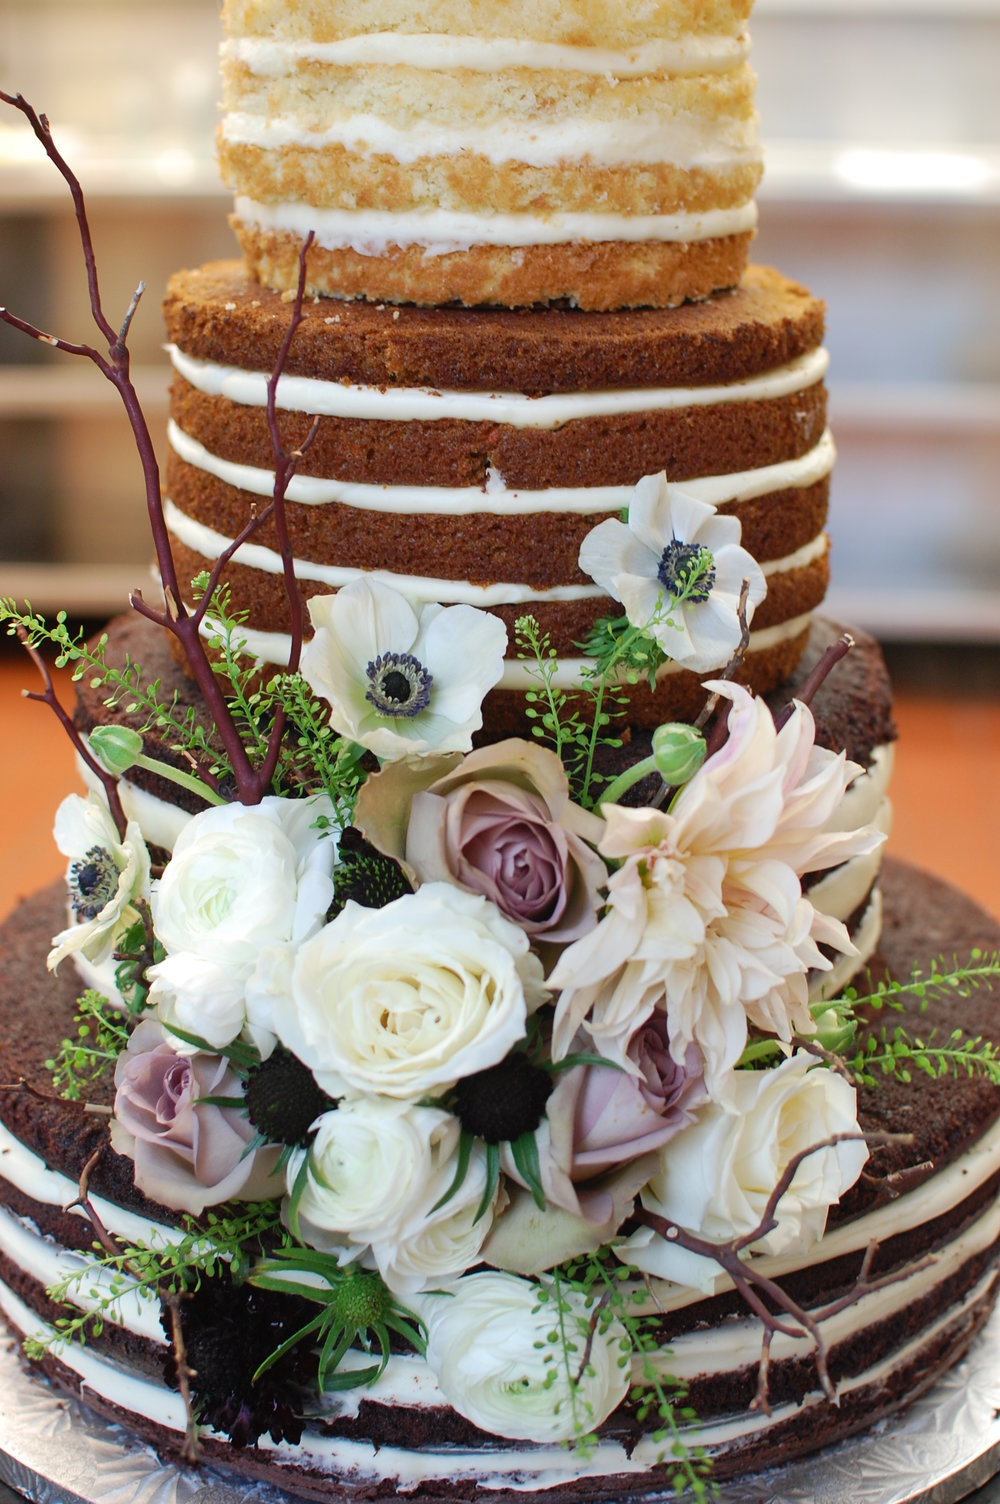 Naked Ombre Cake 09-15-13.JPG